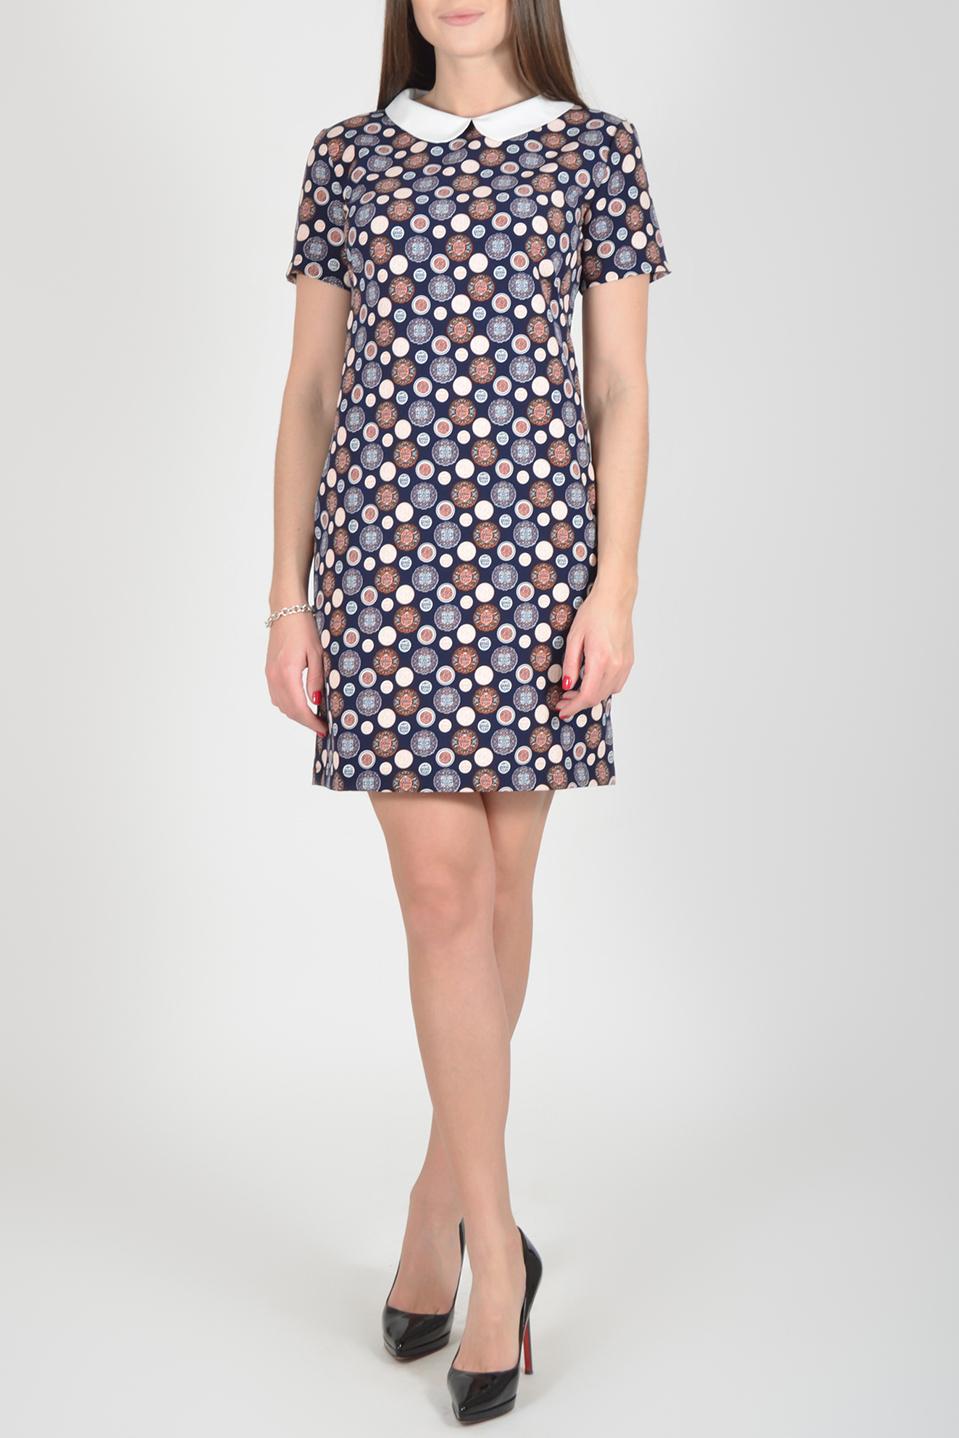 ПлатьеПлатья<br>Цветное платье с контрастным воротничком и короткими рукавами. Модель выполнена из мягкой вискозы. Отличный выбор для повседневного гардероба.  Длина изделия по спинке до 48 размера - 85 см., от 48 размера - 93 см.  В изделии использованы цвета: синий, белый и др.  Рост девушки-фотомодели 170 см.  Параметры размеров: 42 размер - обхват груди 84 см., обхват талии 66 см., обхват бедер 92 см. 44 размер - обхват груди 88 см., обхват талии 70 см., обхват бедер 96 см. 46 размер - обхват груди 92 см., обхват талии 74 см., обхват бедер 100 см. 48 размер - обхват груди 96 см., обхват талии 78 см., обхват бедер 104 см. 50 размер - обхват груди 100 см., обхват талии 82 см., обхват бедер 108 см. 52 размер - обхват груди 104 см., обхват талии 86 см., обхват бедер 112 см. 54 размер - обхват груди 108 см., обхват талии 91 см., обхват бедер 116 см. 56 размер - обхват груди 112 см., обхват талии 95 см., обхват бедер 120 см. 58 размер - обхват груди 116 см., обхват талии 100 см., обхват бедер 124 см. 60 размер - обхват груди 120 см., обхват талии 105 см., обхват бедер 128 см.<br><br>Воротник: Отложной<br>Горловина: С- горловина<br>По длине: До колена<br>По материалу: Вискоза<br>По рисунку: С принтом,Цветные<br>По силуэту: Полуприталенные<br>По стилю: Повседневный стиль<br>По форме: Платье - футляр<br>Рукав: Короткий рукав<br>По сезону: Осень,Весна<br>Размер : 46,48,50,52<br>Материал: Вискоза<br>Количество в наличии: 12